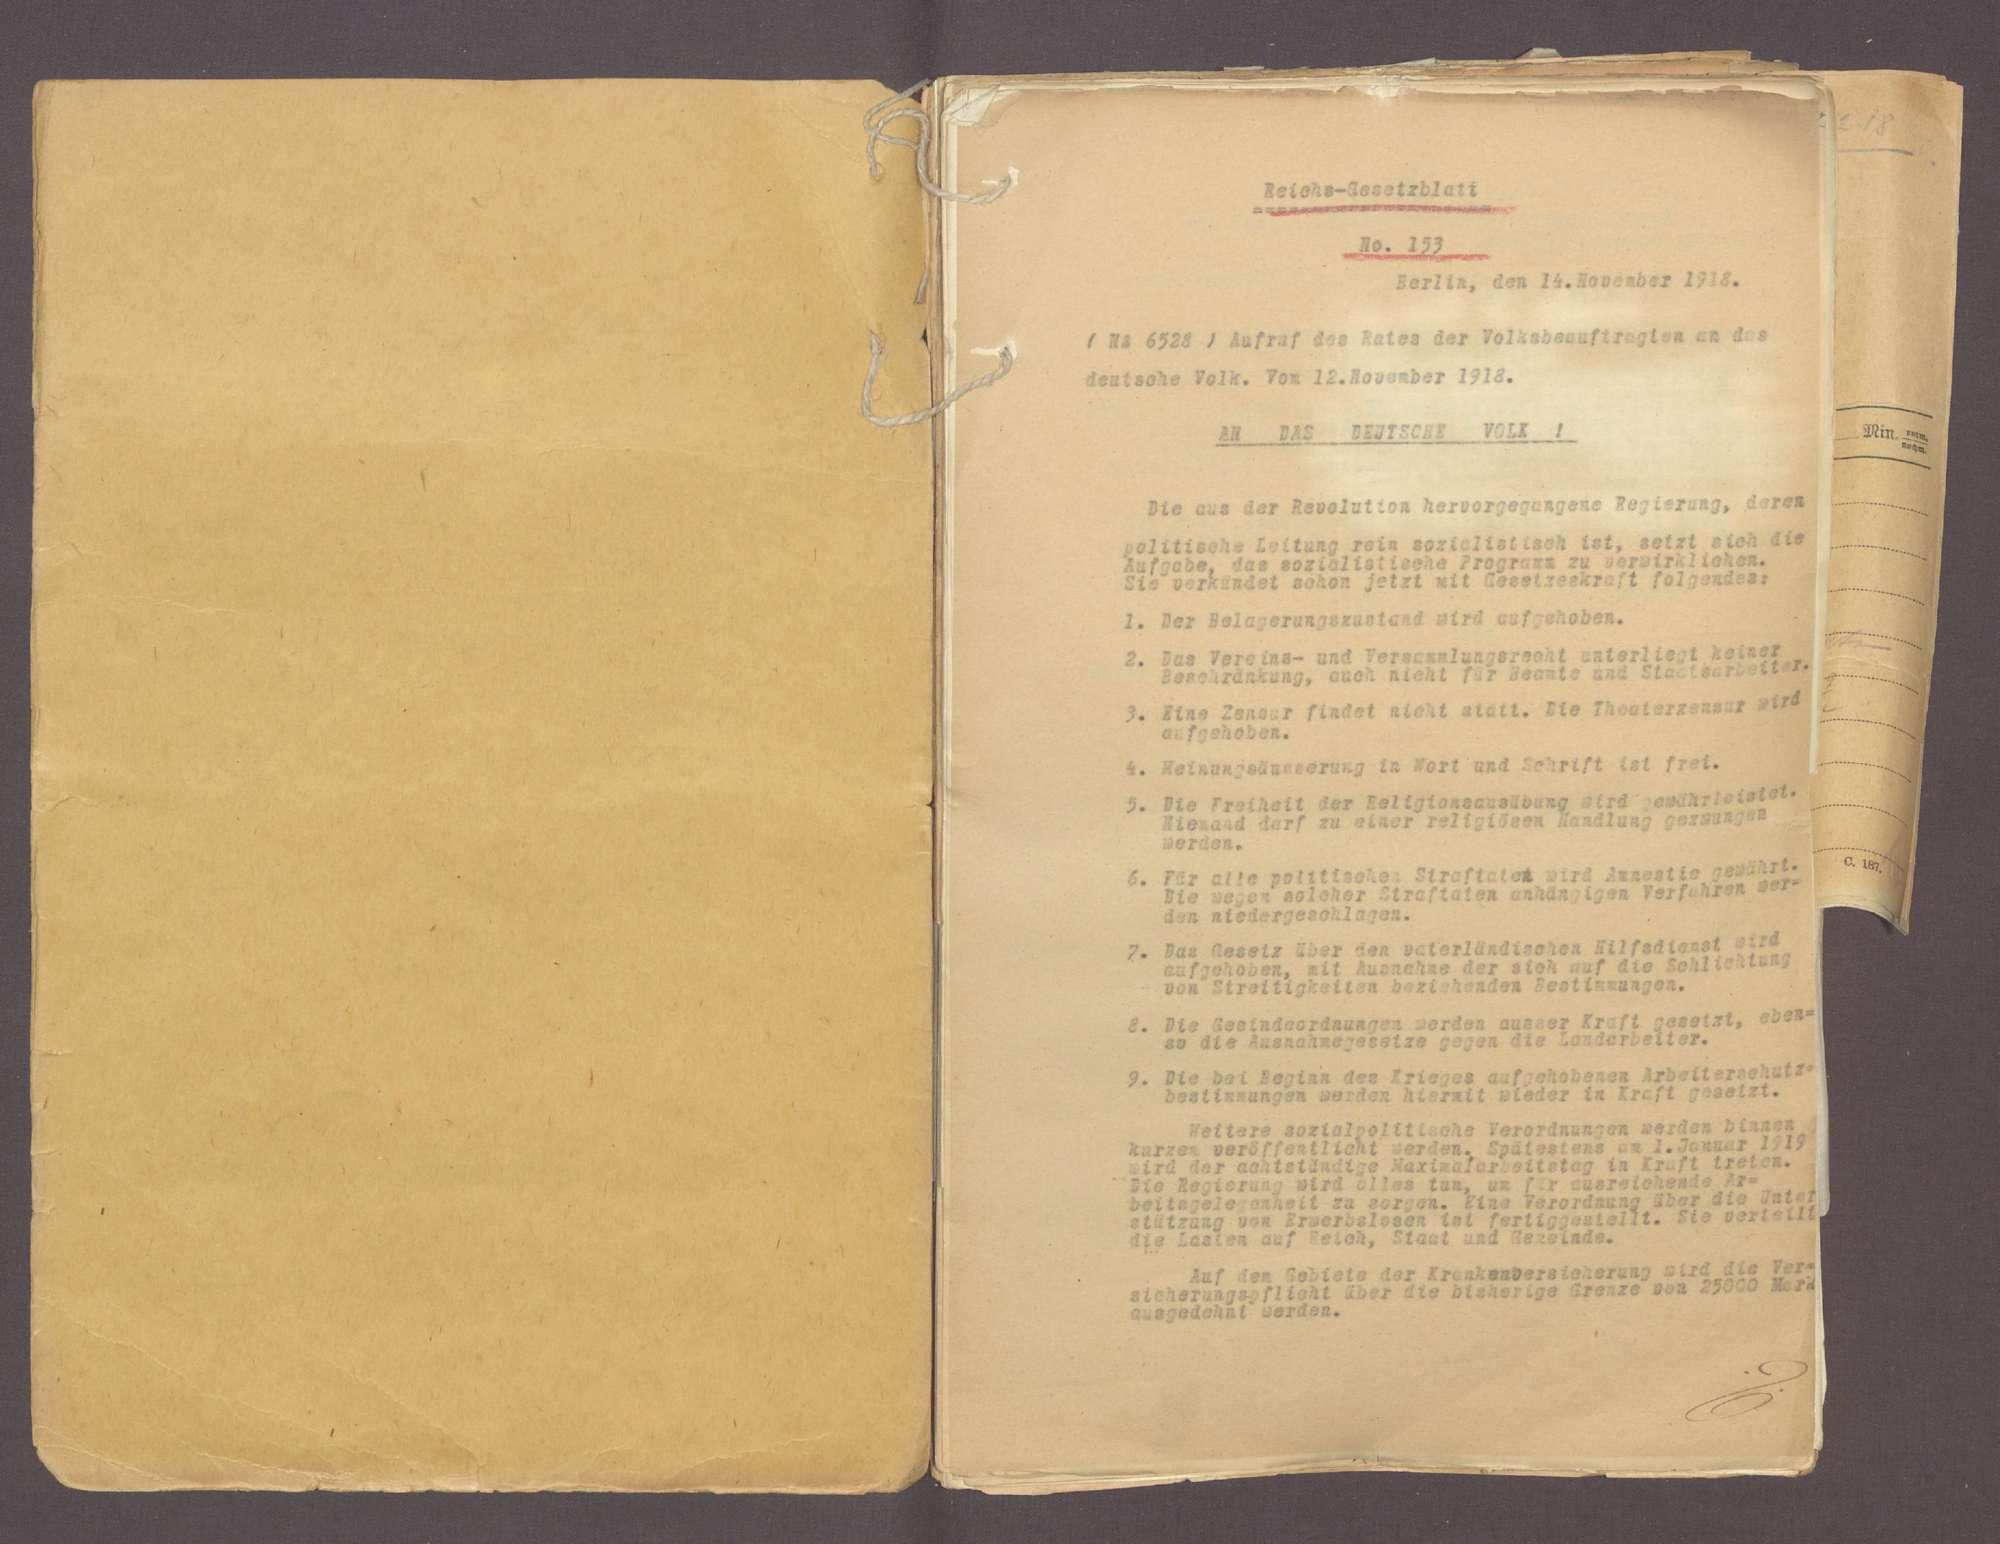 Die verfassungsgebende Nationalversammlung, Bild 2